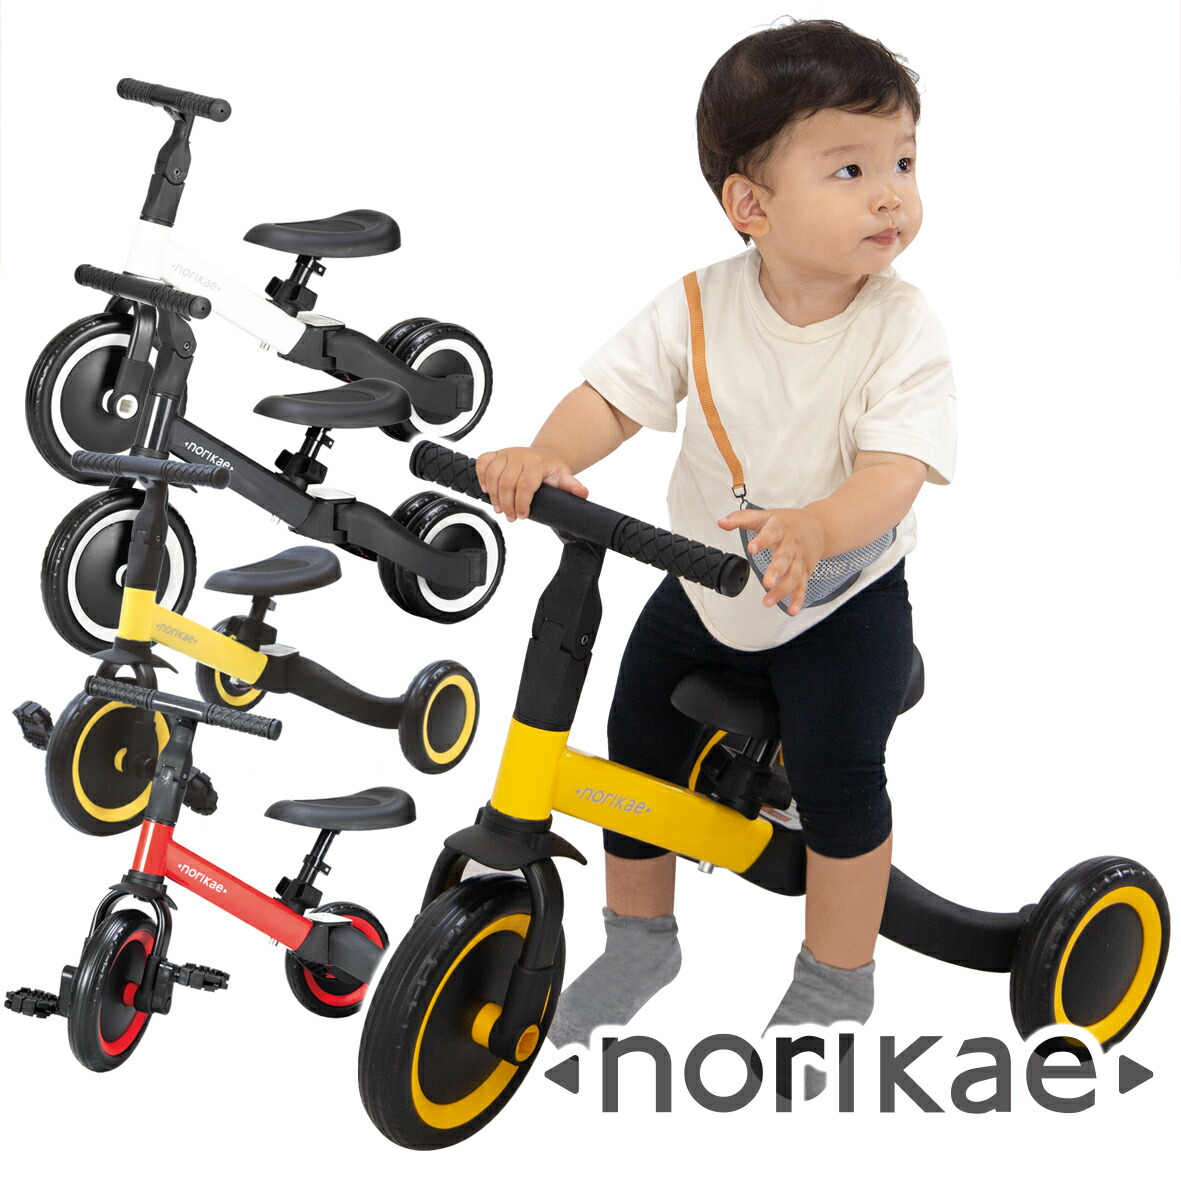 三輪車からバイクに乗り換える バランスバイク キッズバイク 乗り物 変形 トレーニングバイク 3輪車 1歳 2歳 3歳 4歳 赤ちゃん 外遊び 子供 選択 ヤトミ ペダル 乗用玩具 おもちゃ 室内 足けり プレゼント のりかえ三輪車 三輪車 完売 3way 自転車